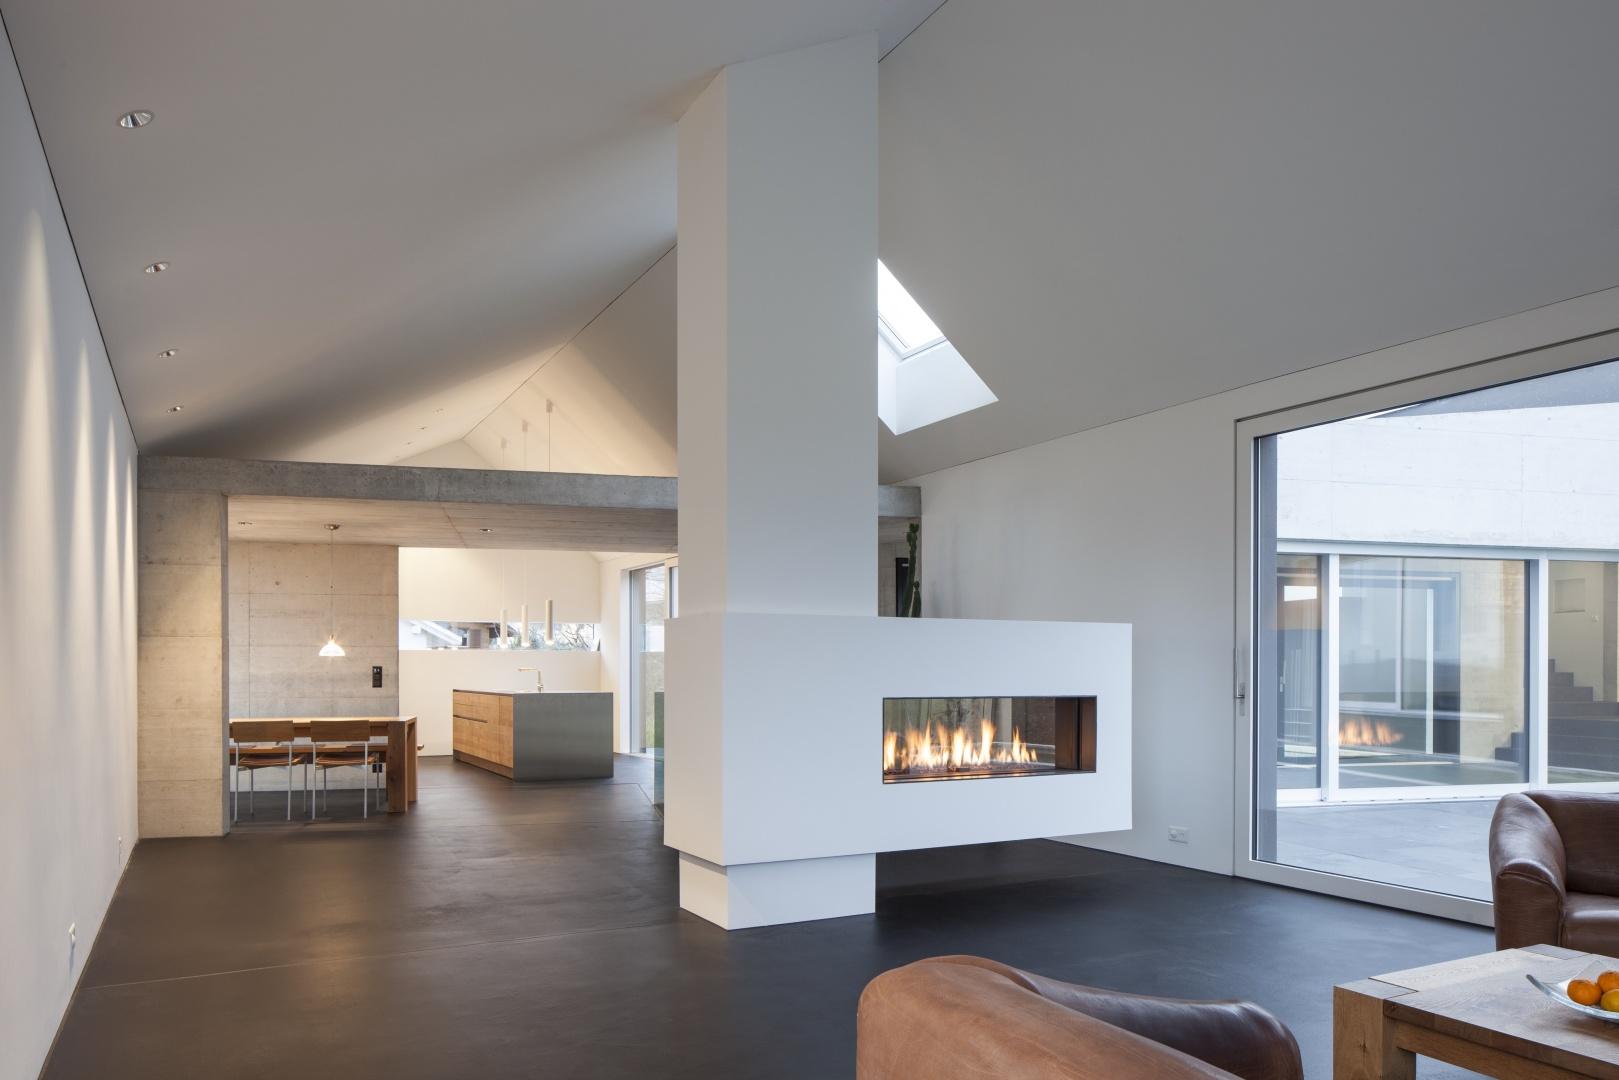 Wohnzimmer © Börje Müller- Nolasco